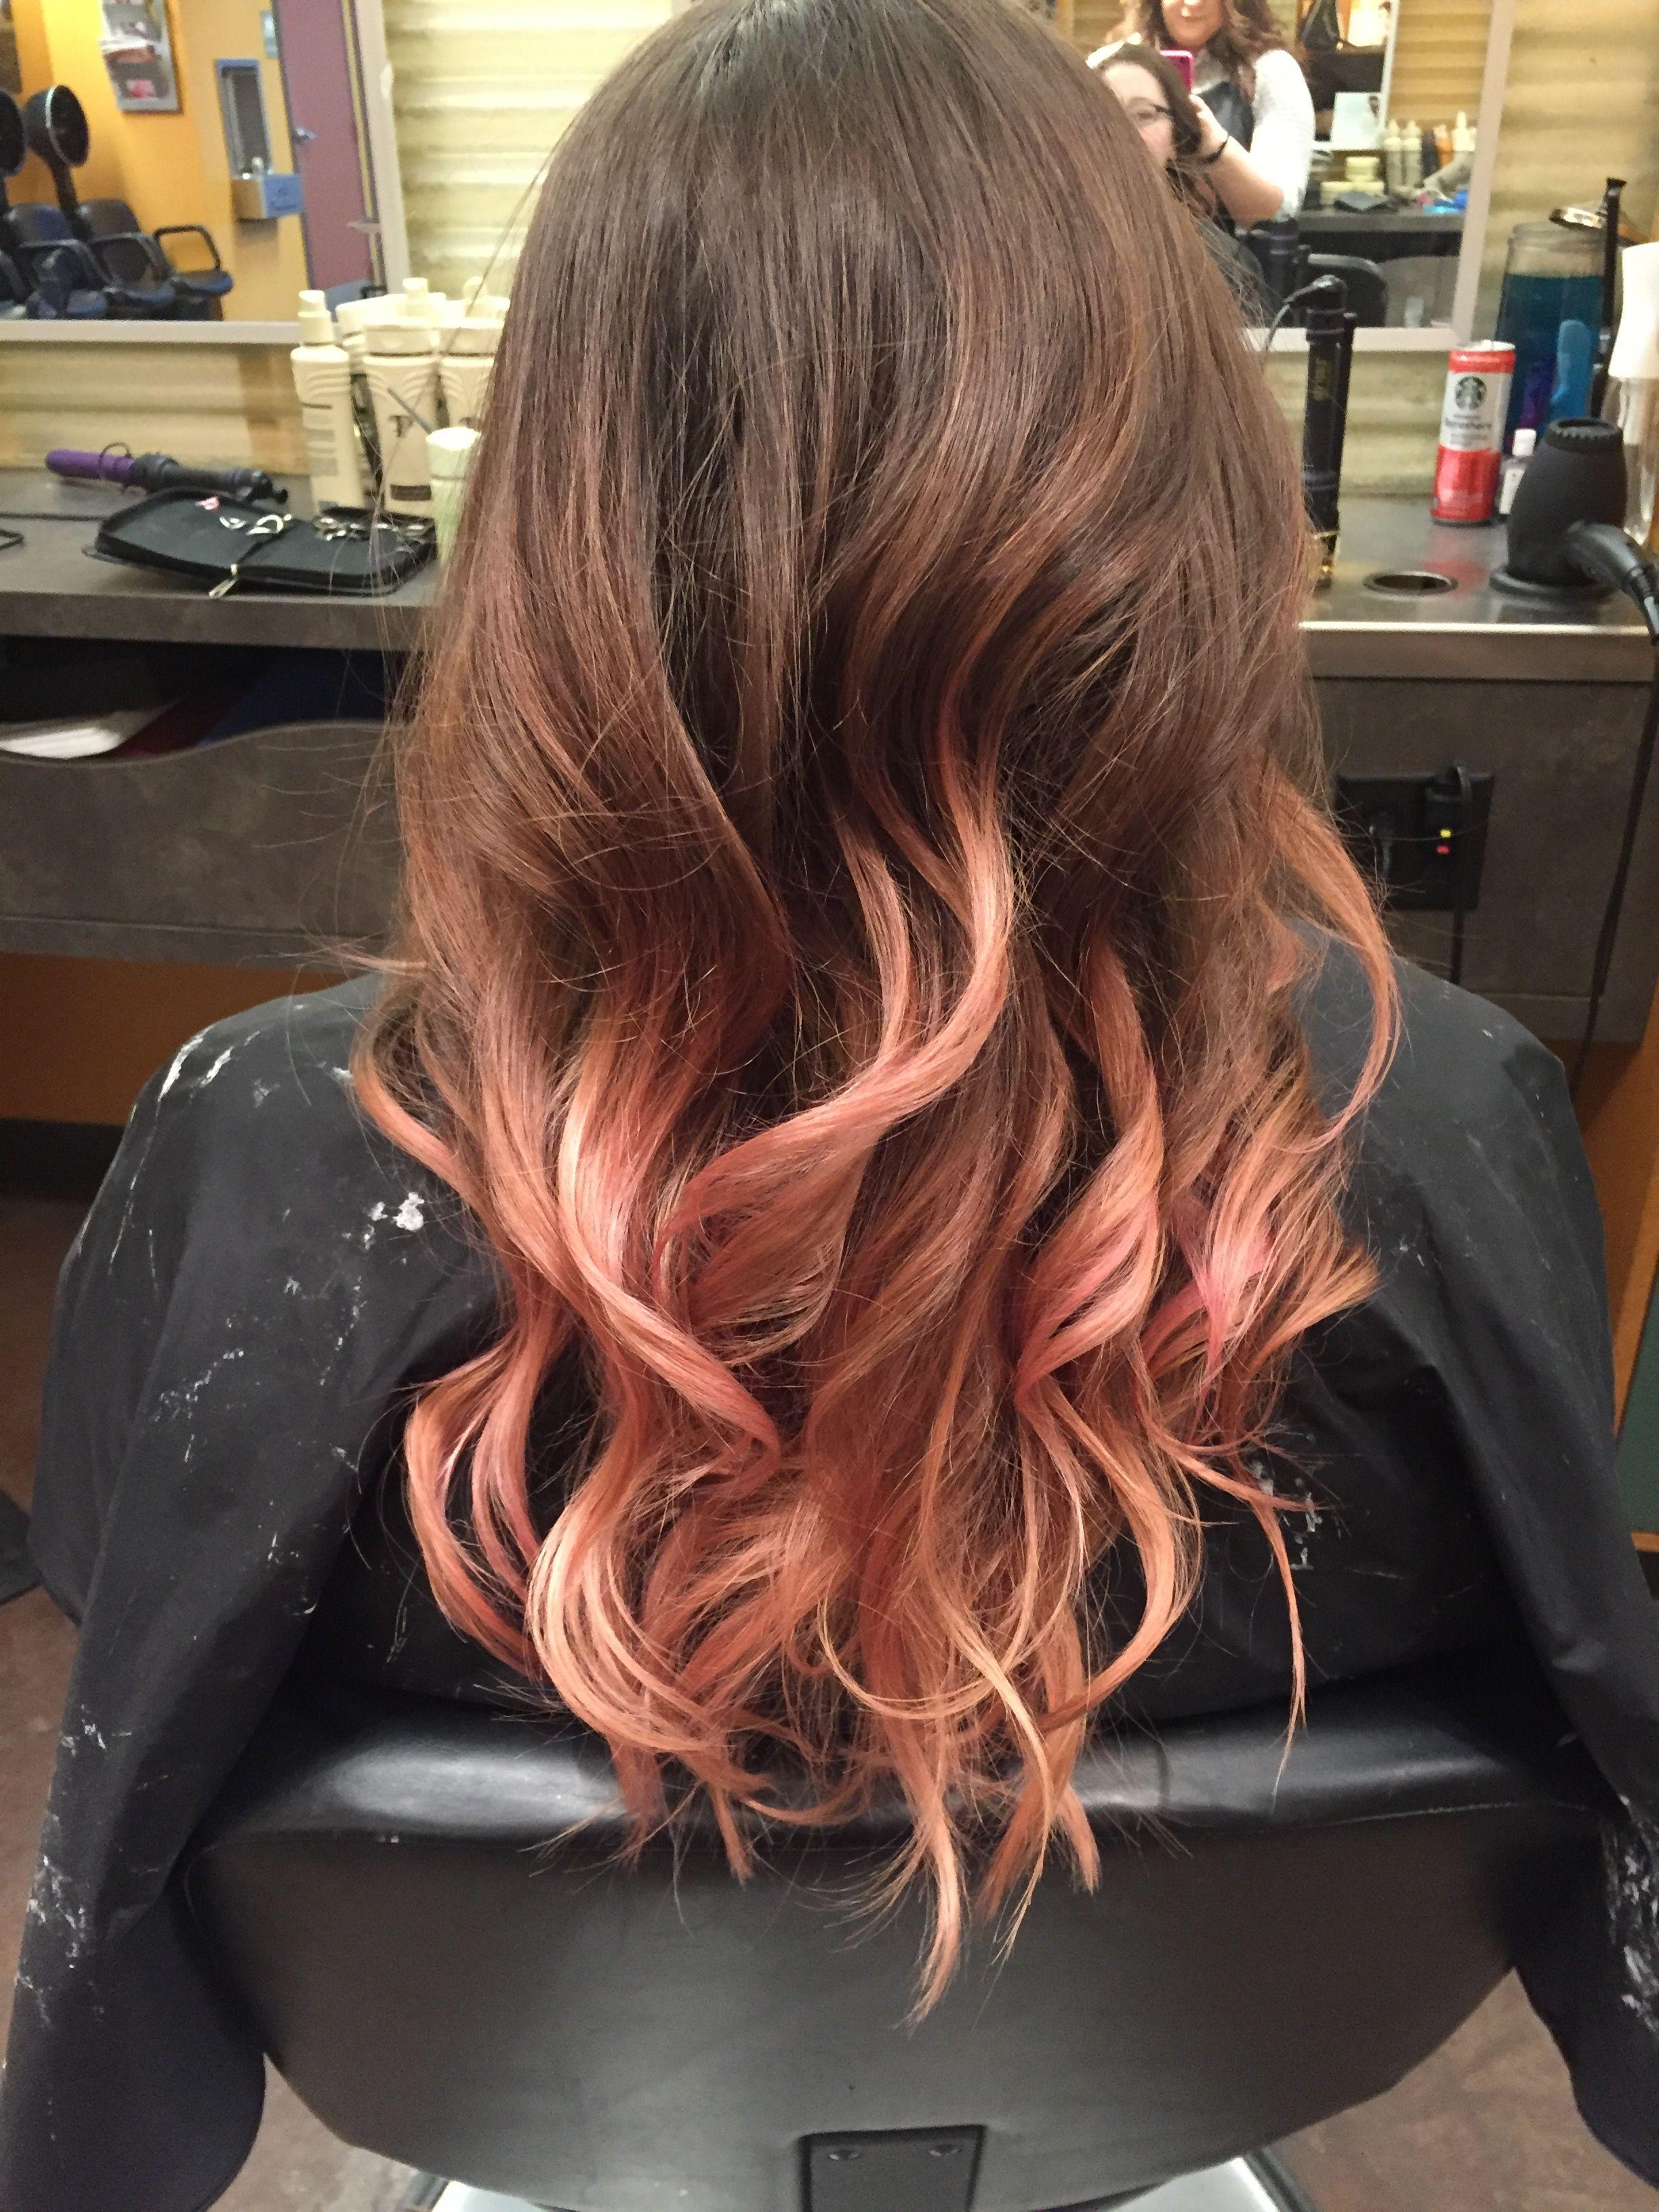 Rose gold balayage on brown hair in 2019